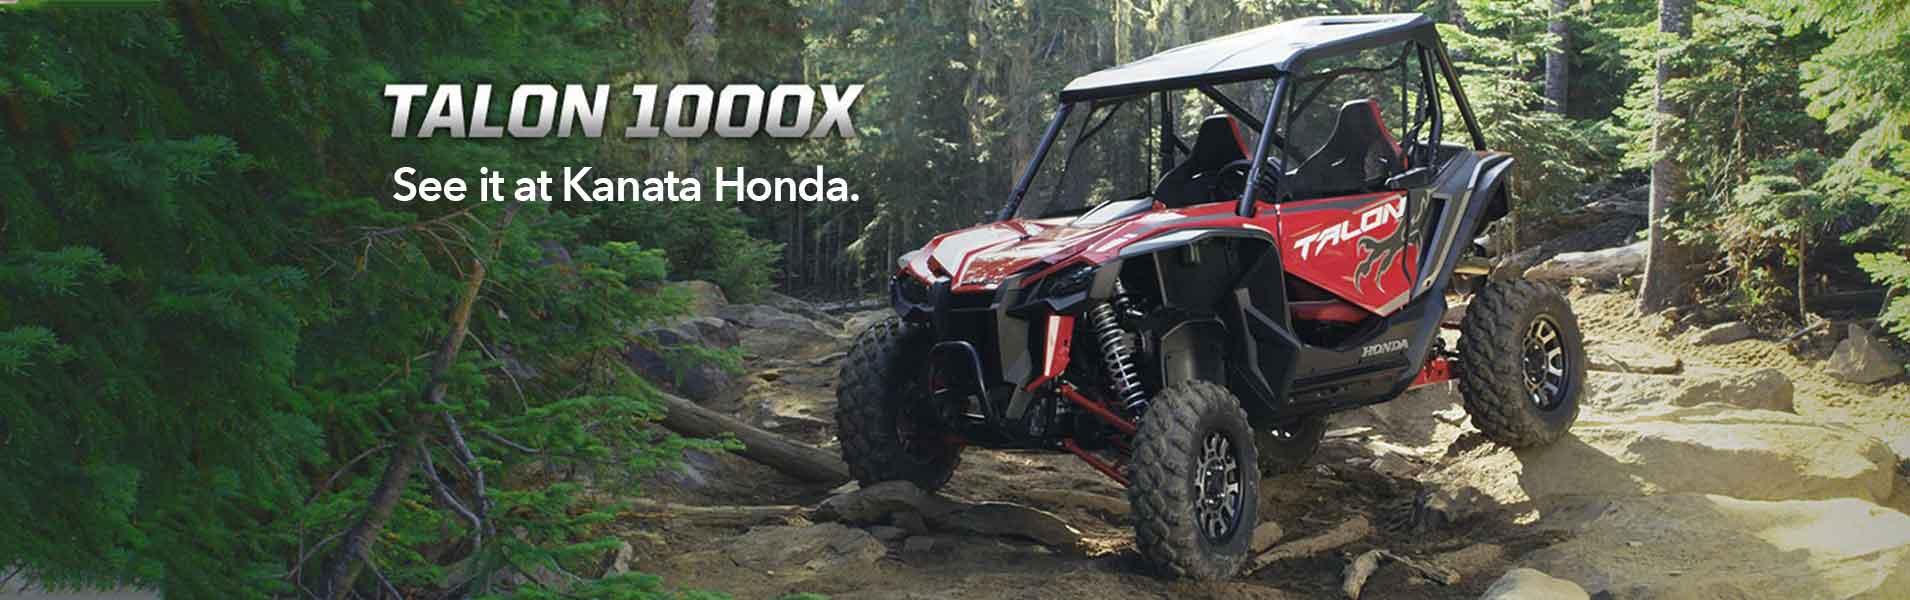 New Talon 1000X at Kanata Honda